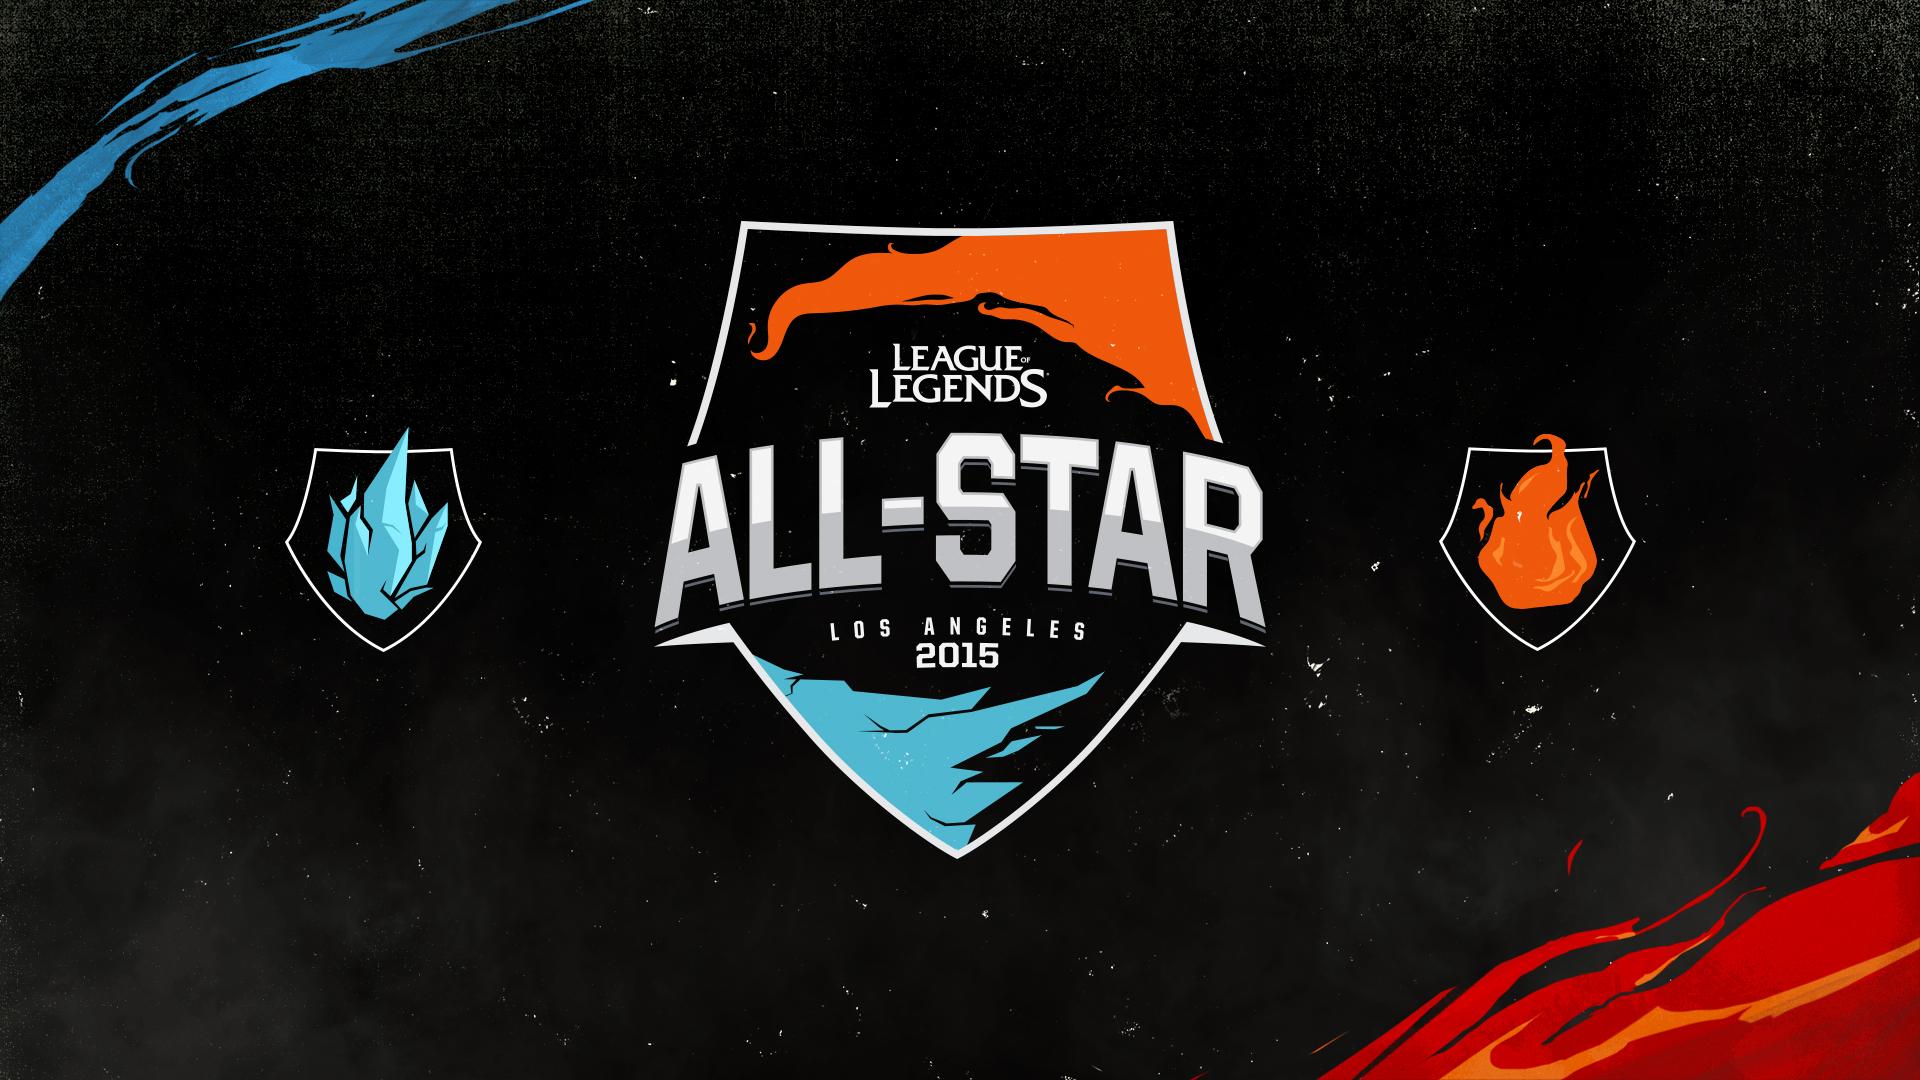 [LMHT] Lịch thi đấu chính thức của All-Star 2015 | GameSao